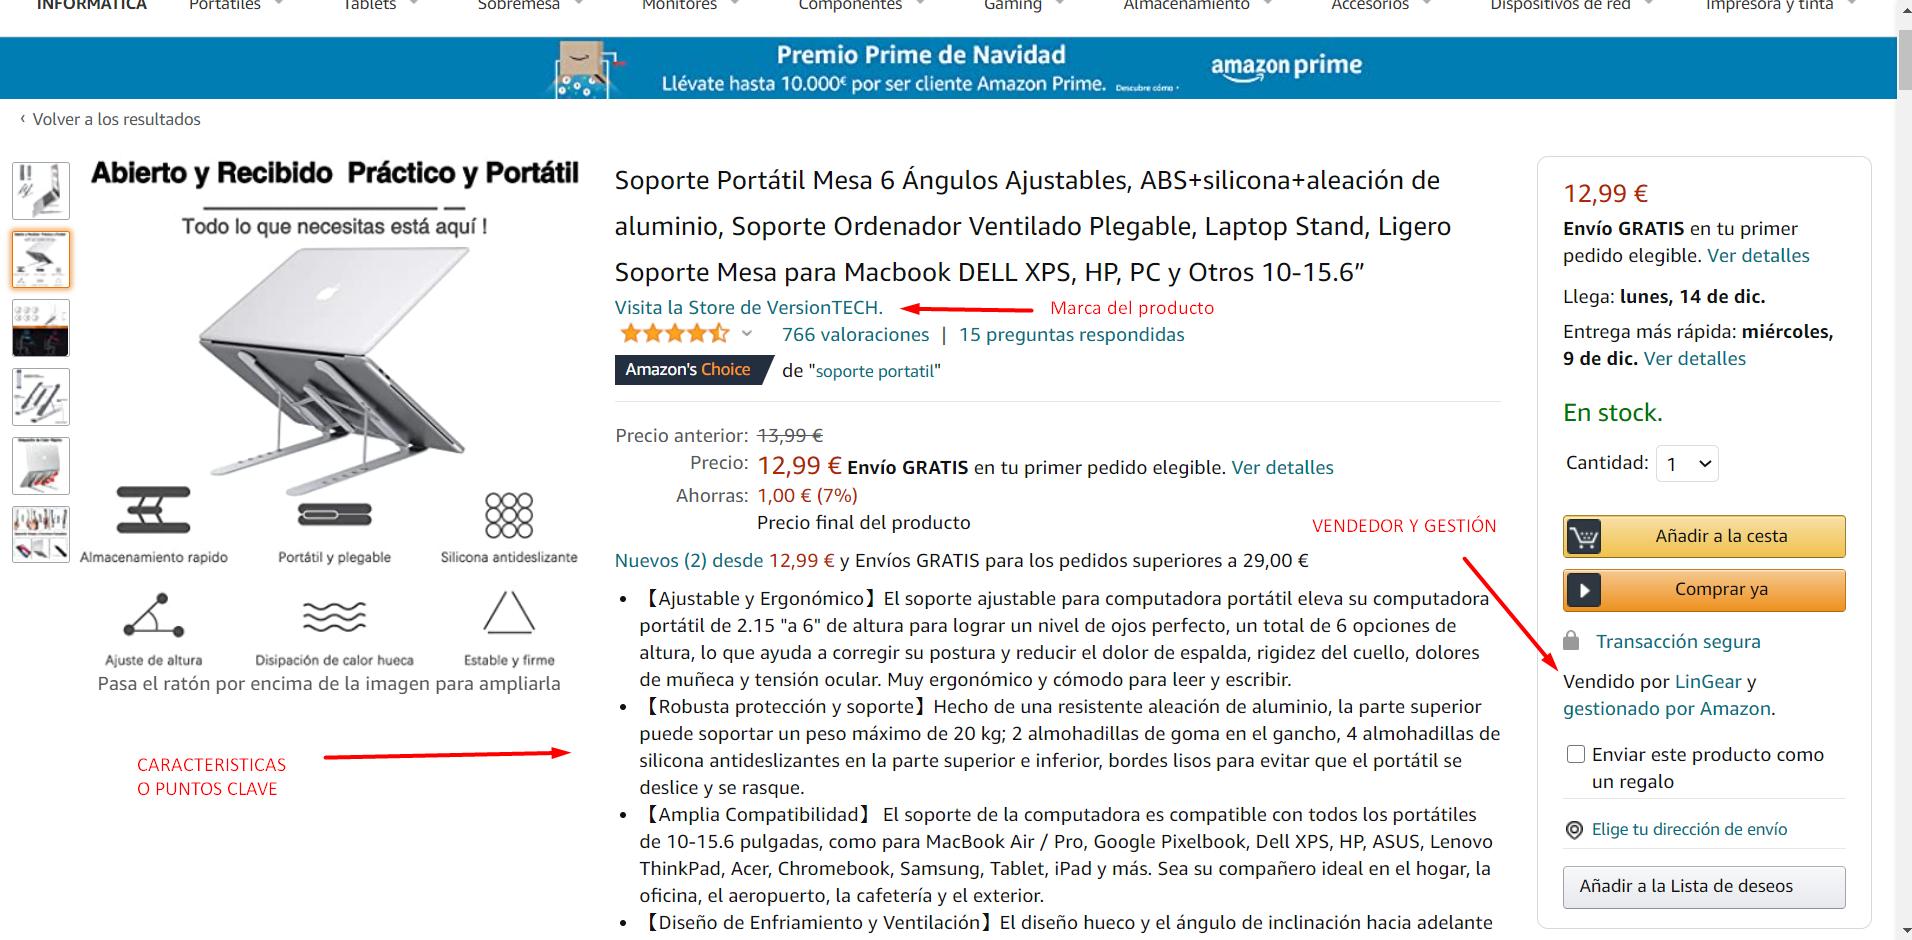 ficha de un producto en Amazon